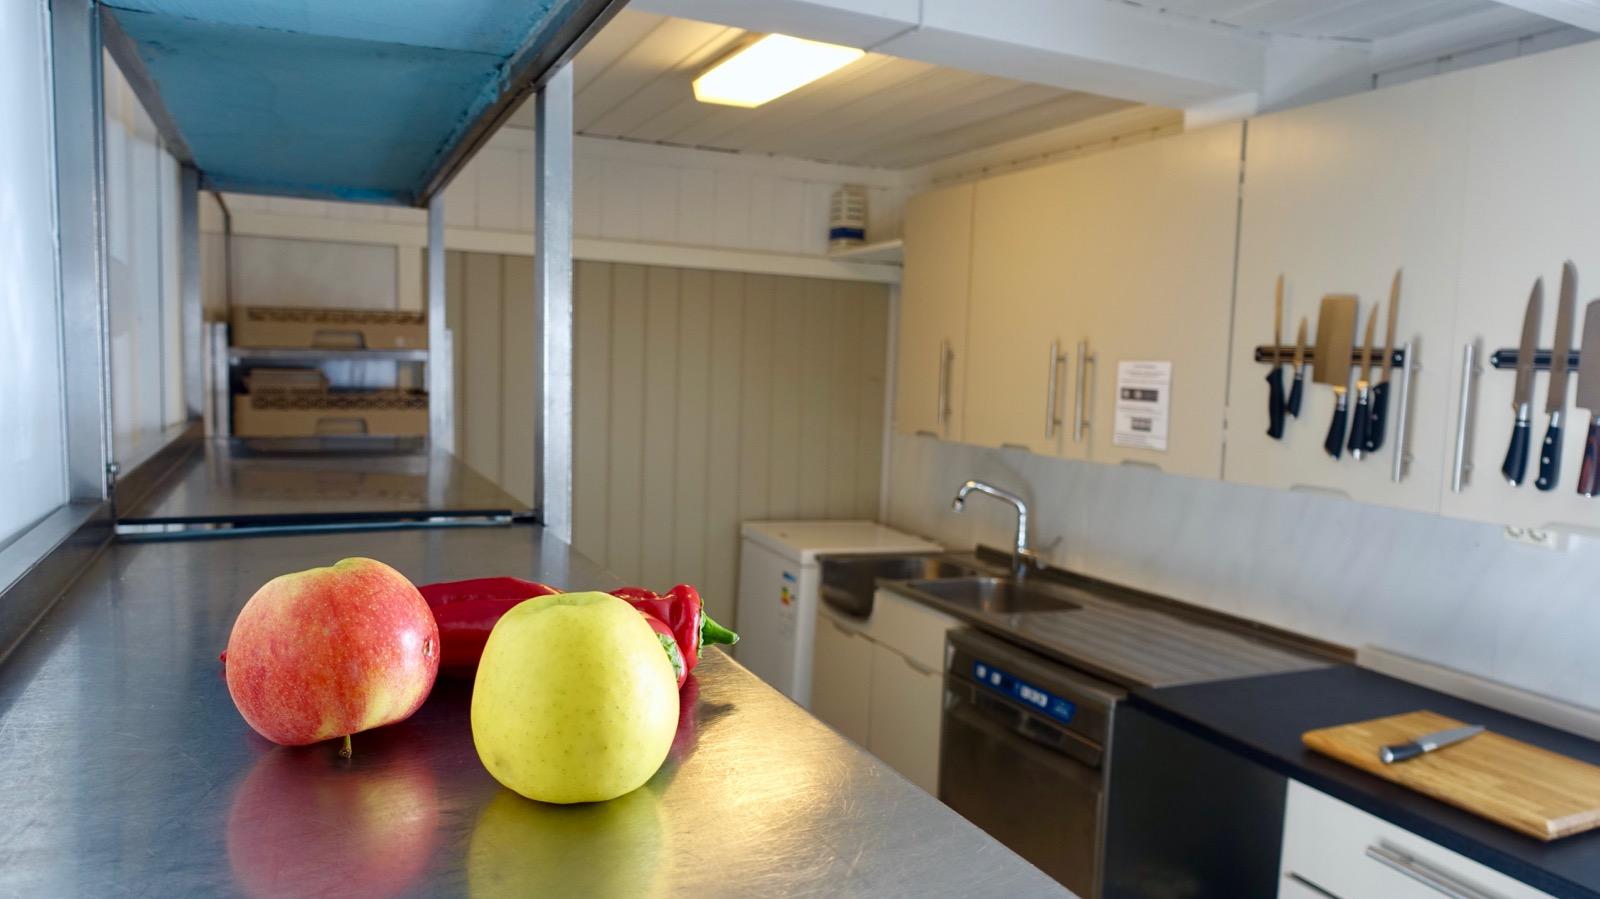 Storhusholdning kjøkken